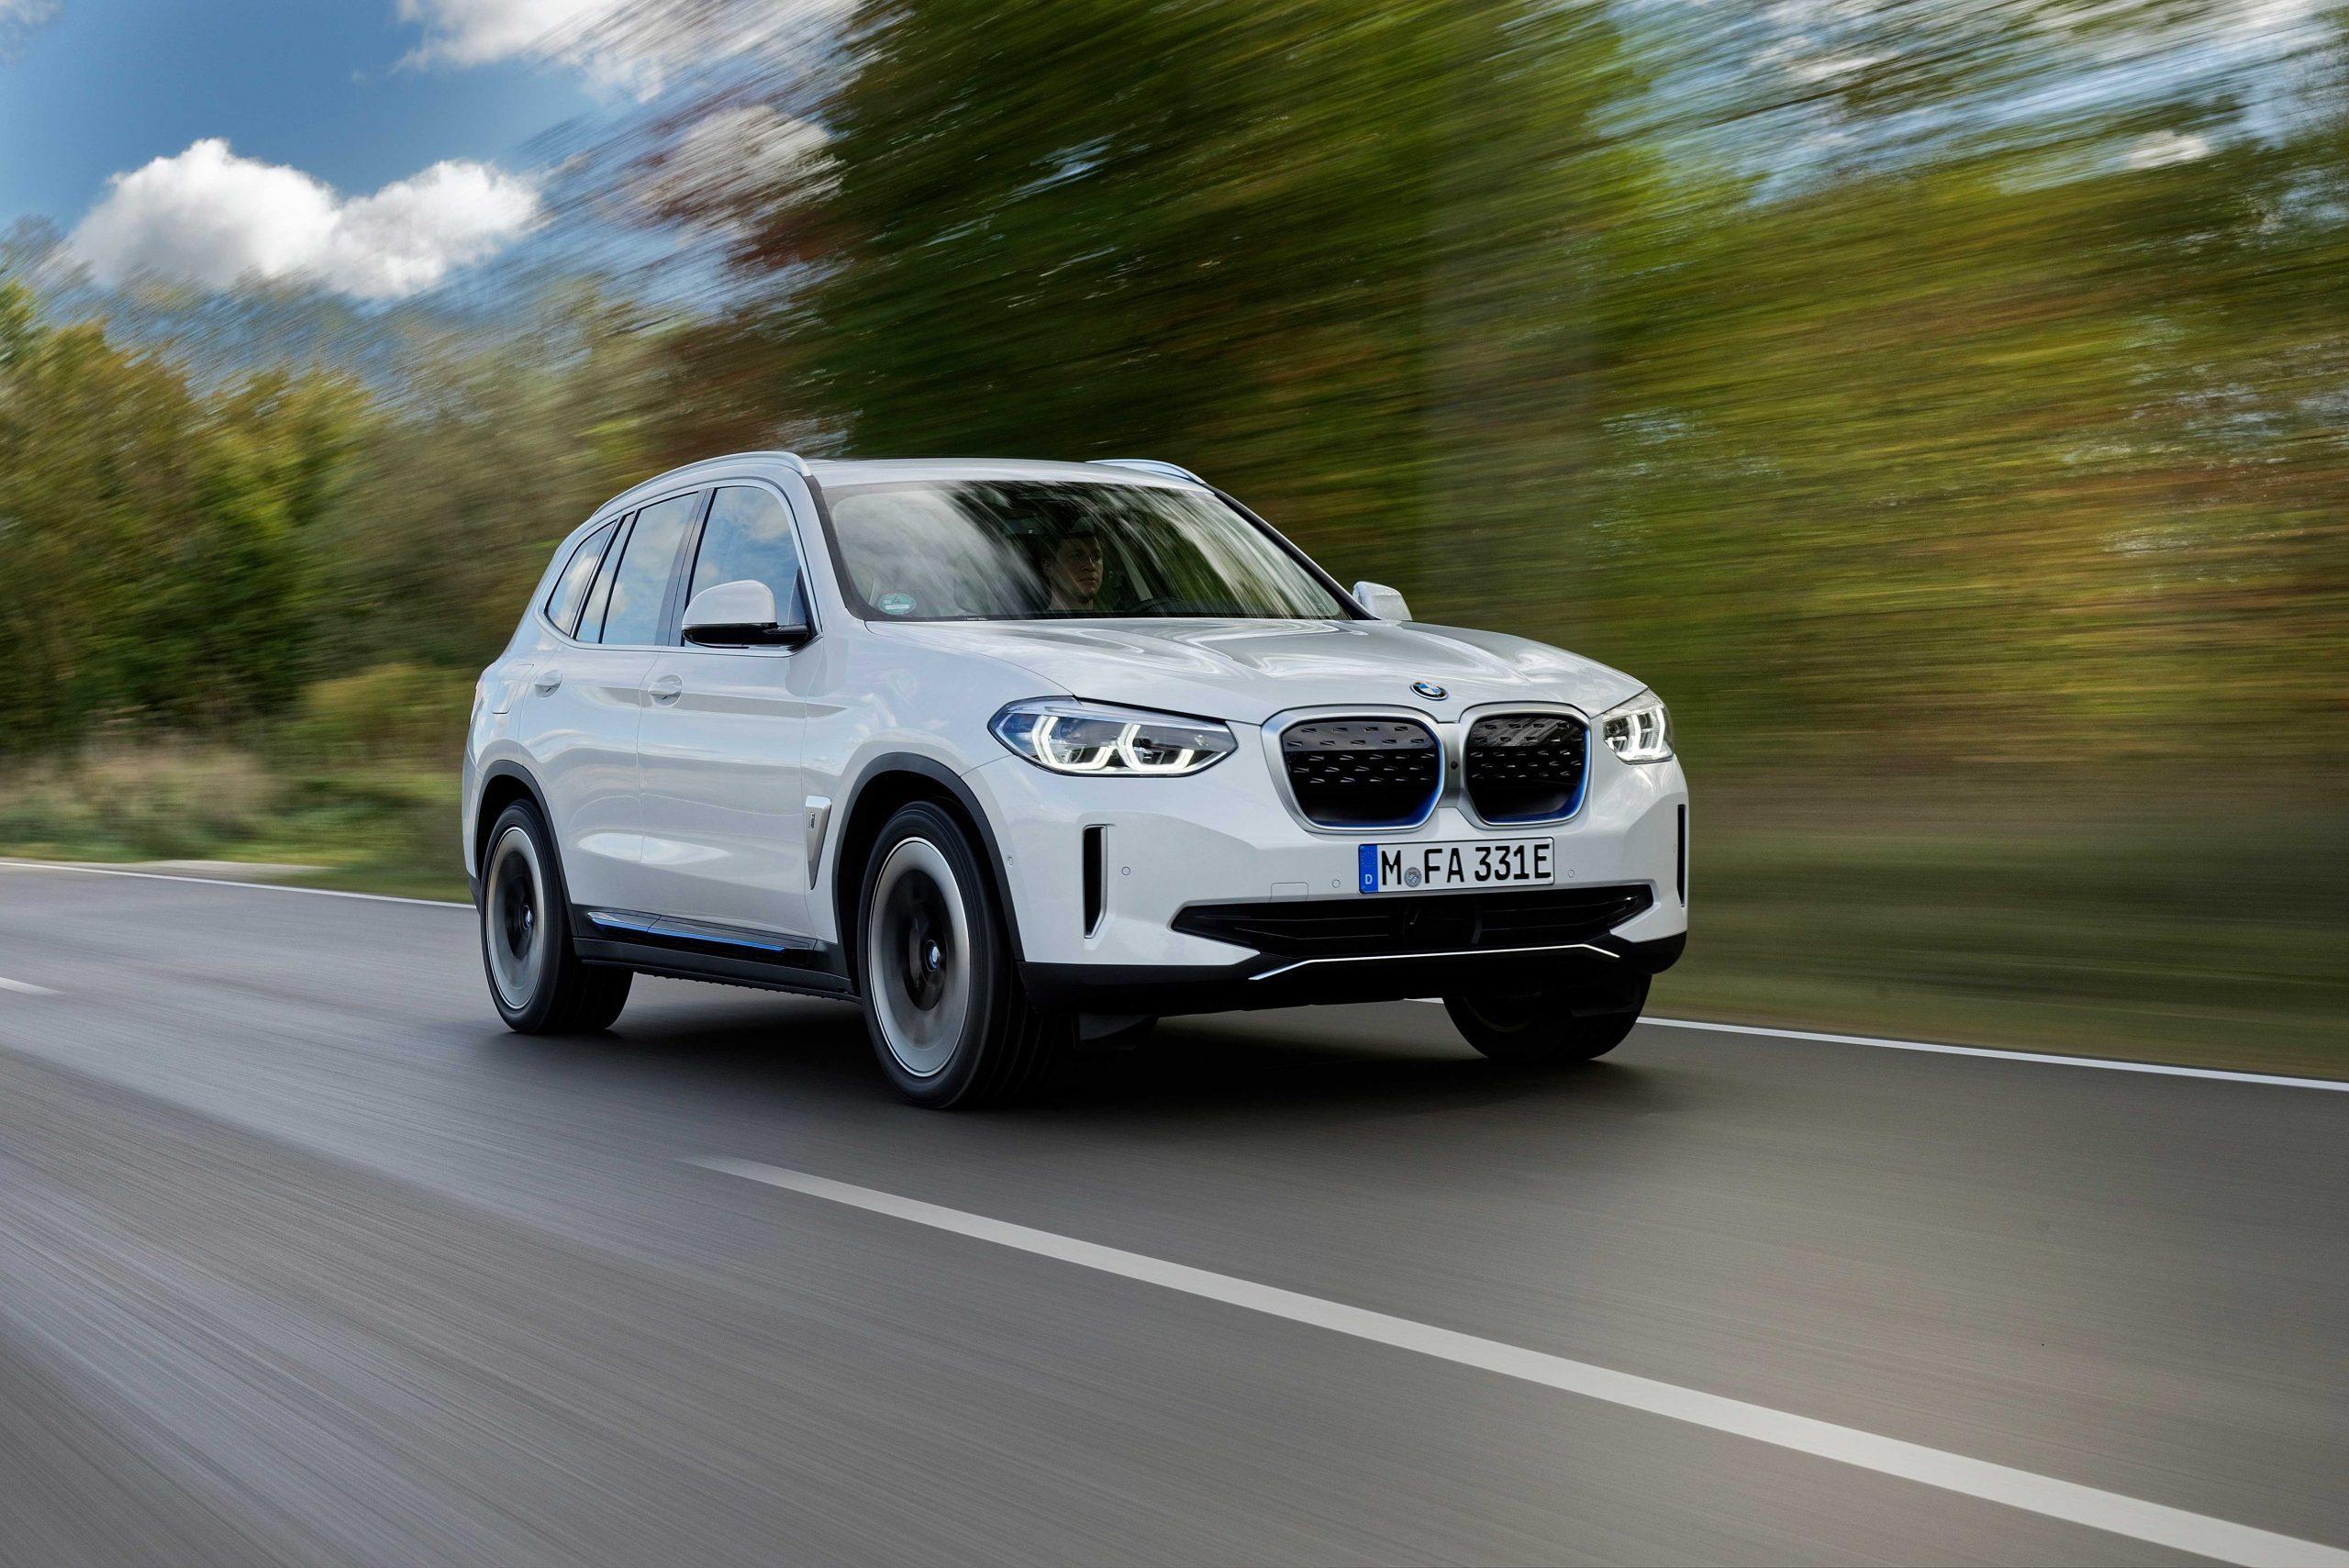 BMW Group Premium Segmentte Üst Üste 17'nci Kez Yılı Lider Kapattı